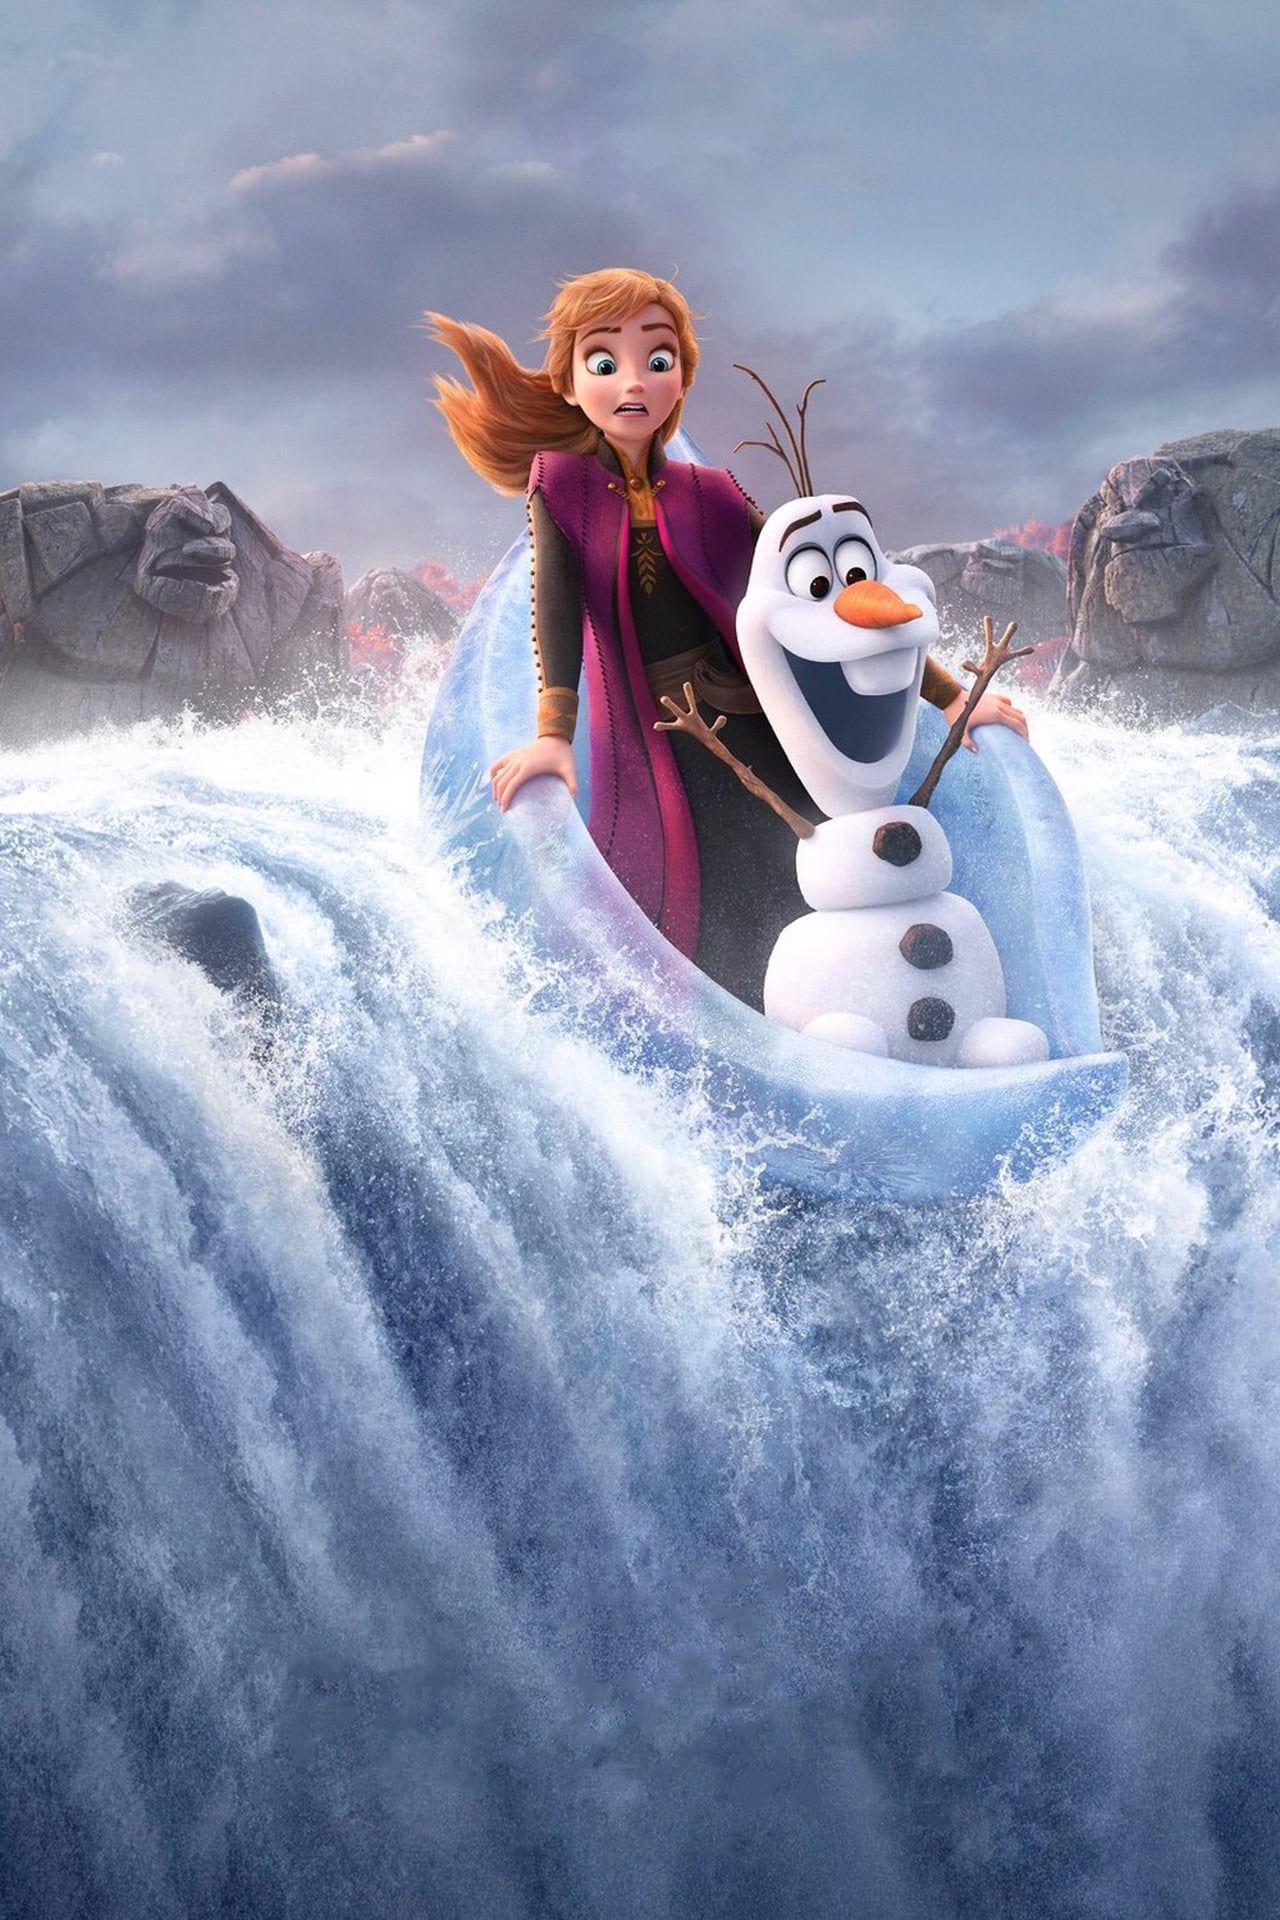 Olaf Reine Des Neiges 2 : reine, neiges, Regarder, Reine, Neiges, [2019], Streaming, Téléchargement, Gratuit, Fetchflick, Disney, Frozen,, Frozen, Movie